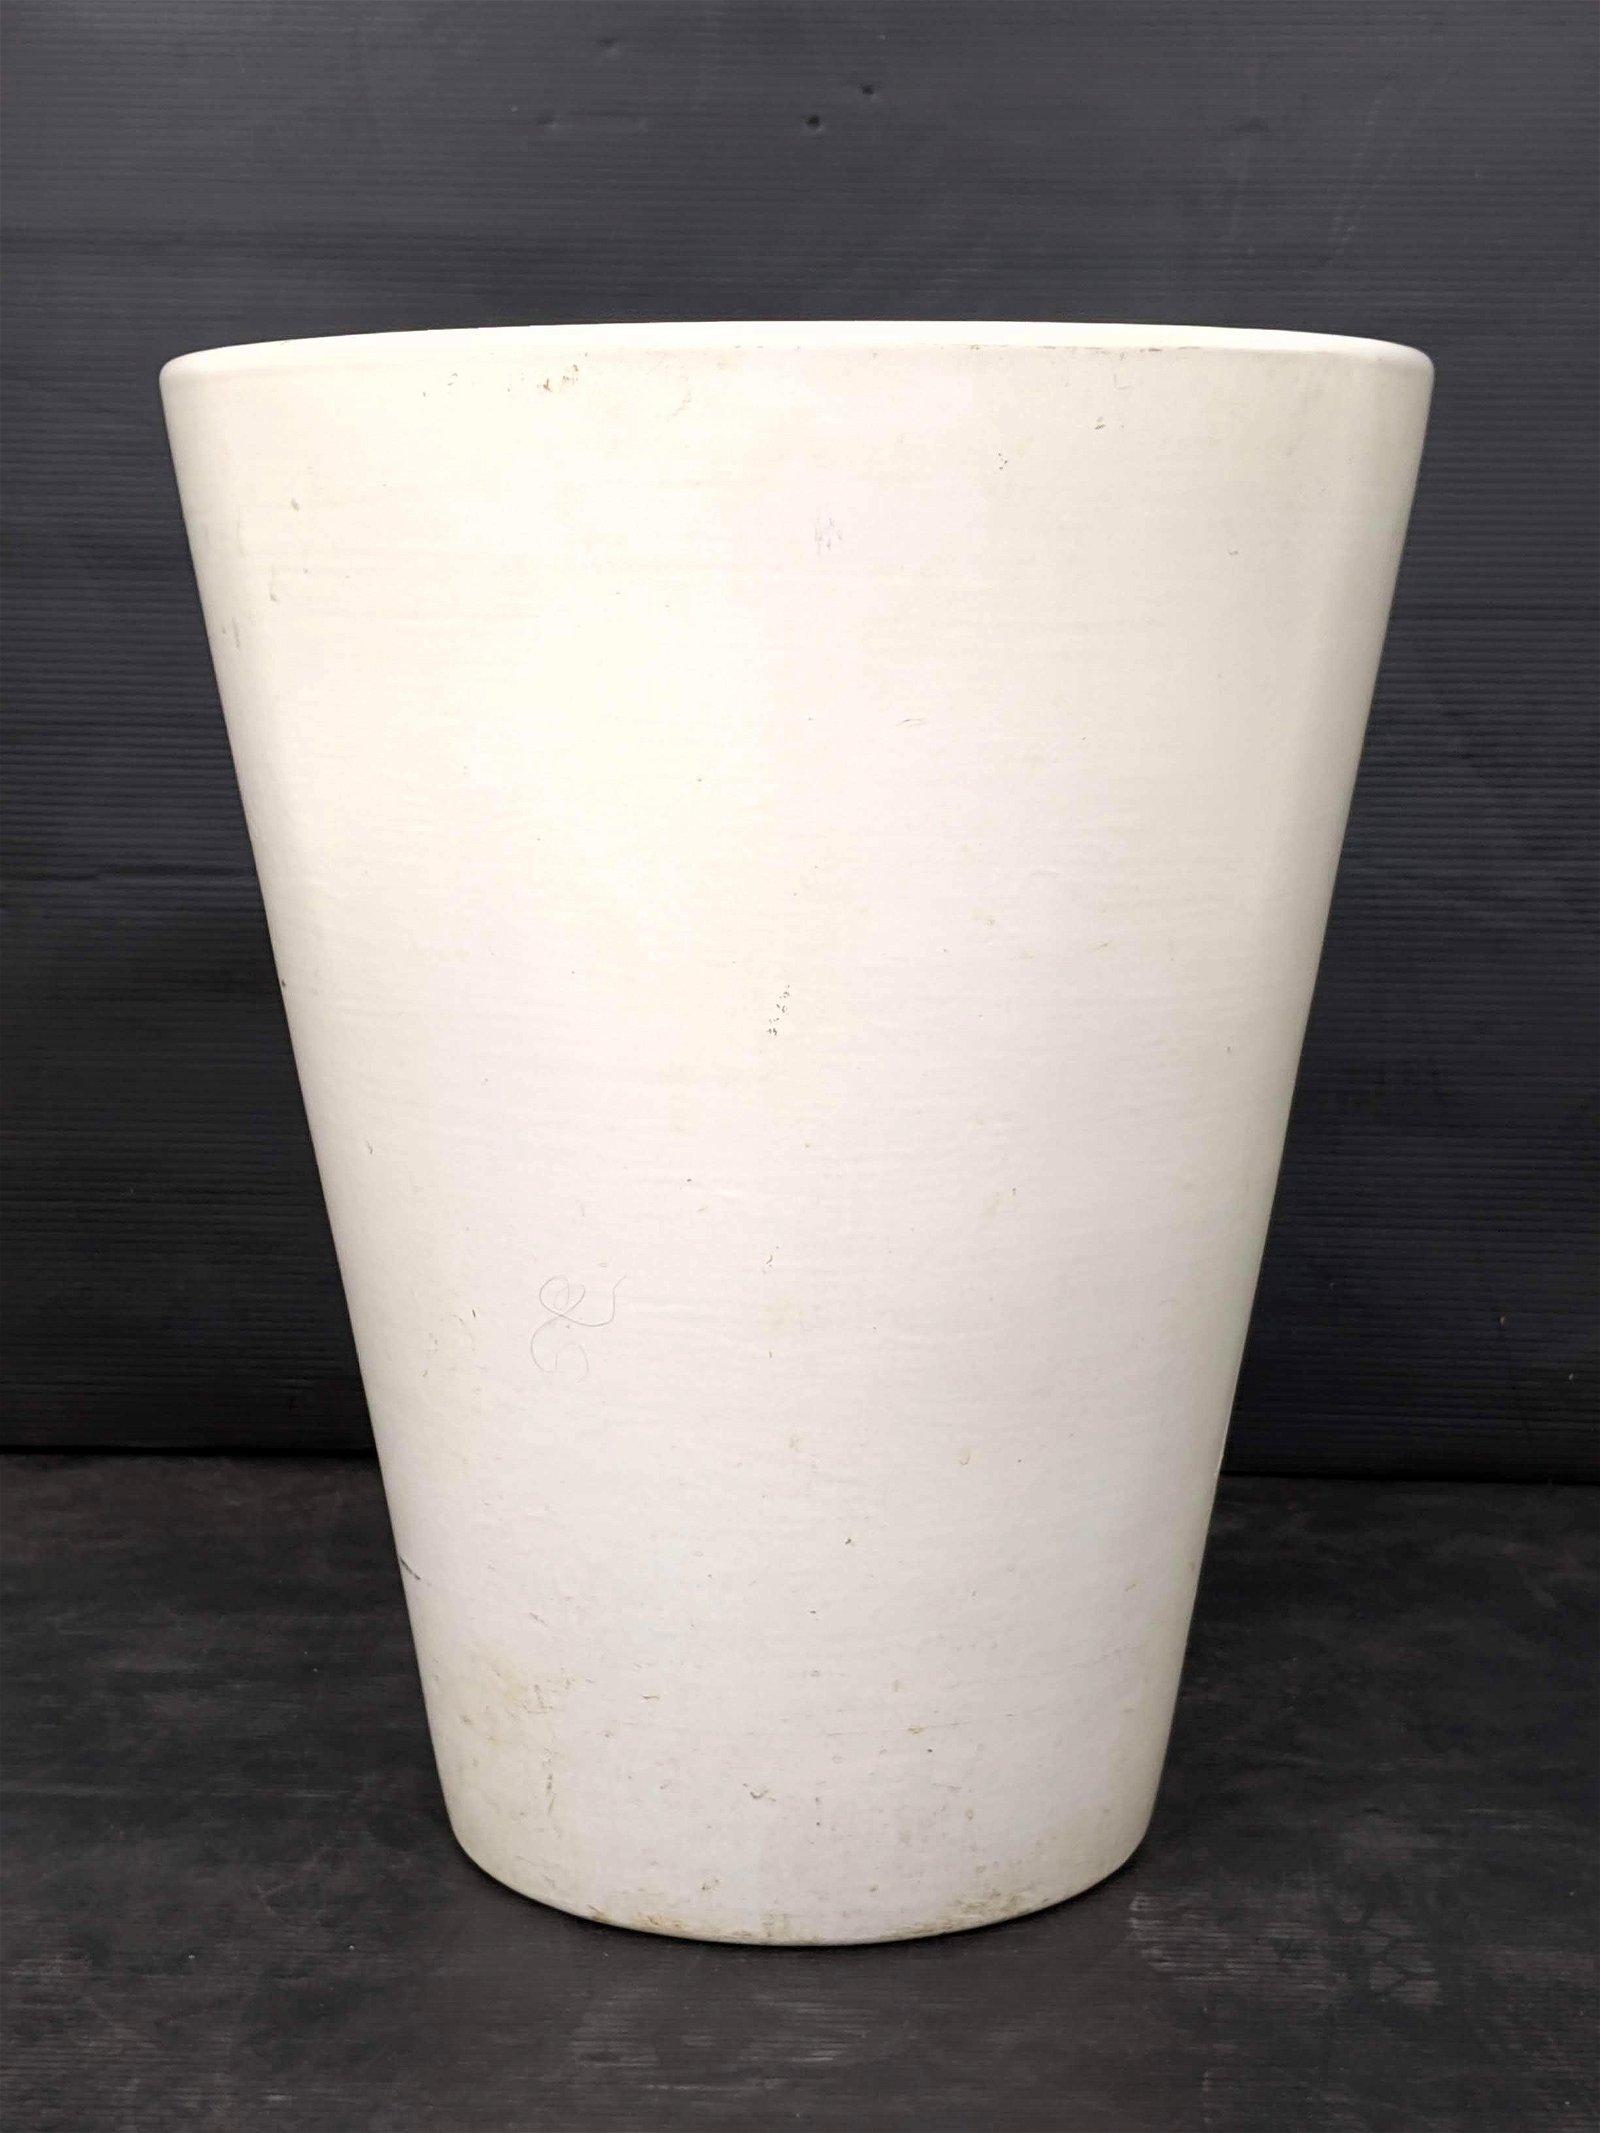 Architectural Pottery Lagardo Tackett Style Floor Vase